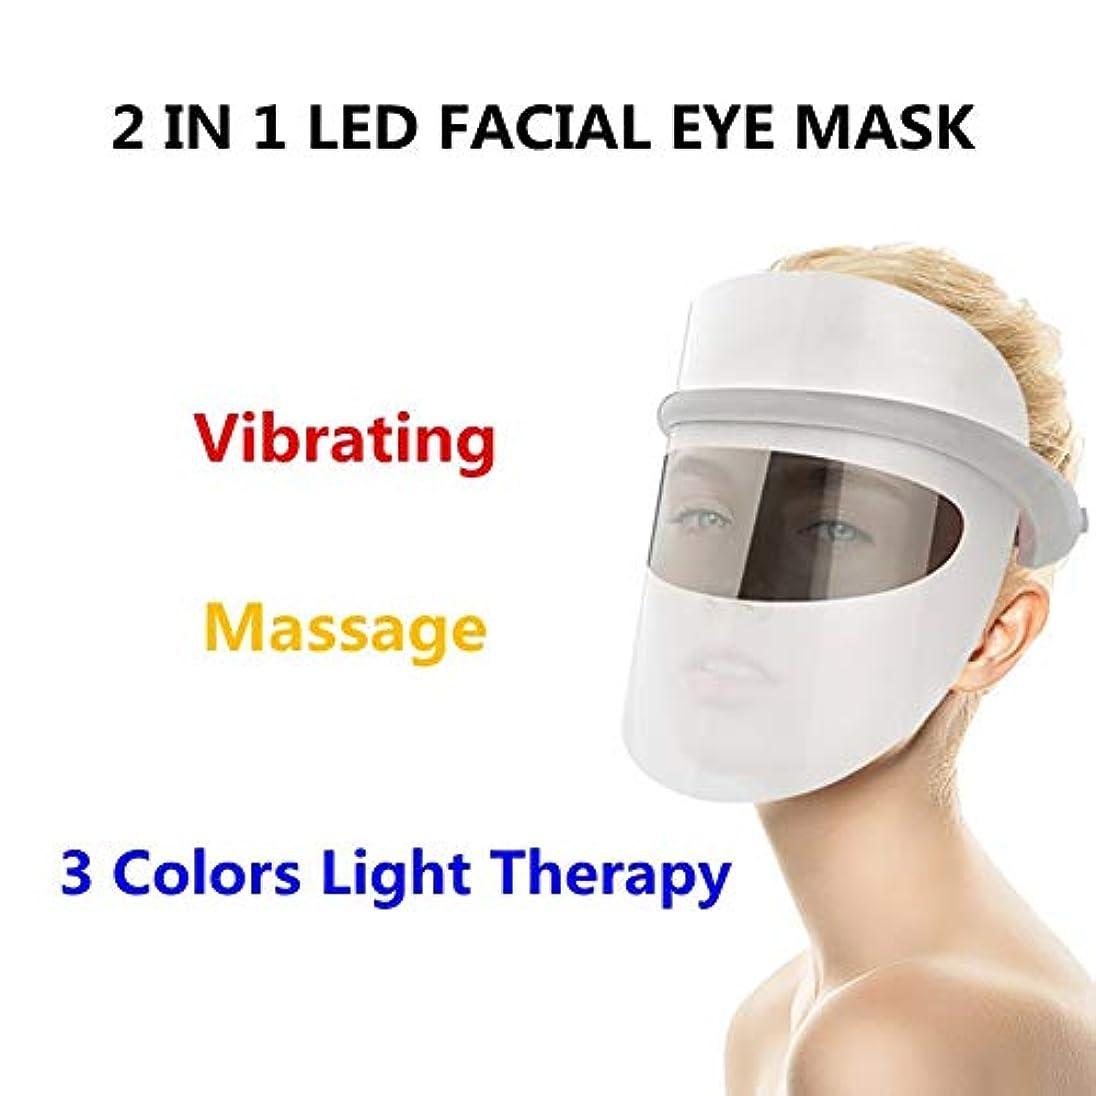 スズメバチやさしく衣類LEDフォトンビューティーマスク、家庭用Ledビューティーマスク、ホットコンプレックス振動マッサージアイマスク3色、コラーゲン、アンチエイジング、しわ、瘢痕